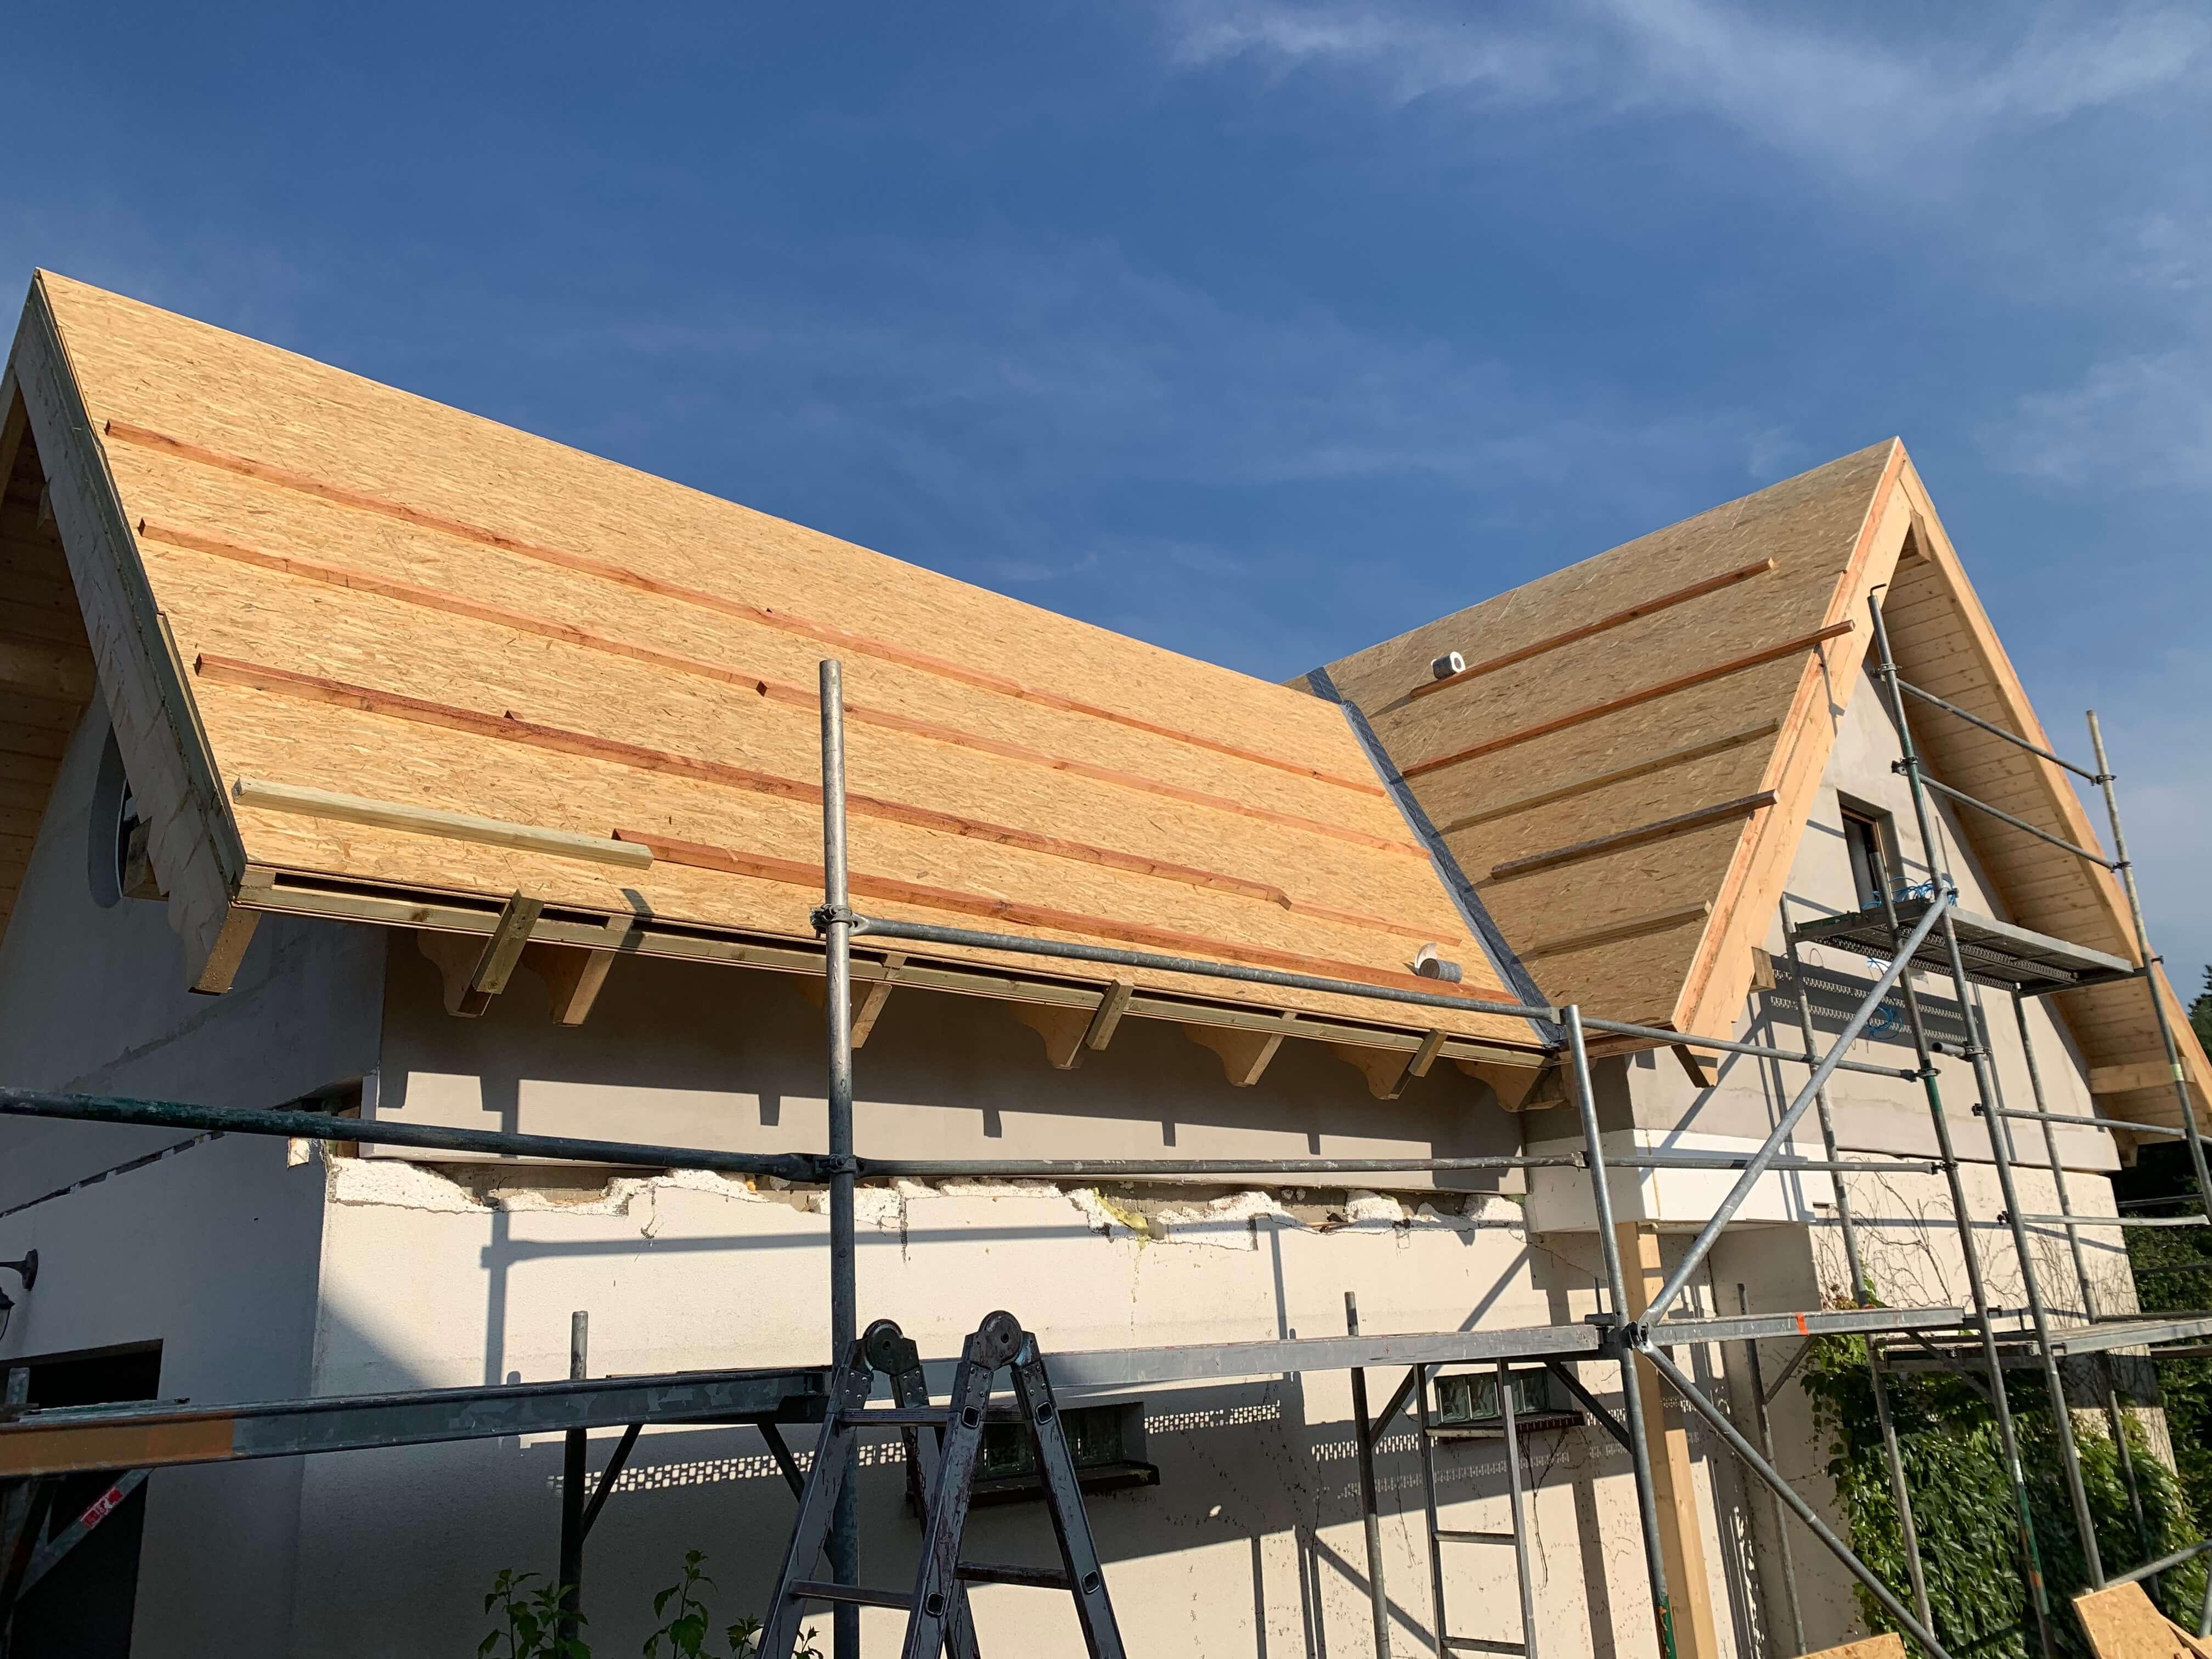 Rozbudowa domu w technologii prefabrykacji